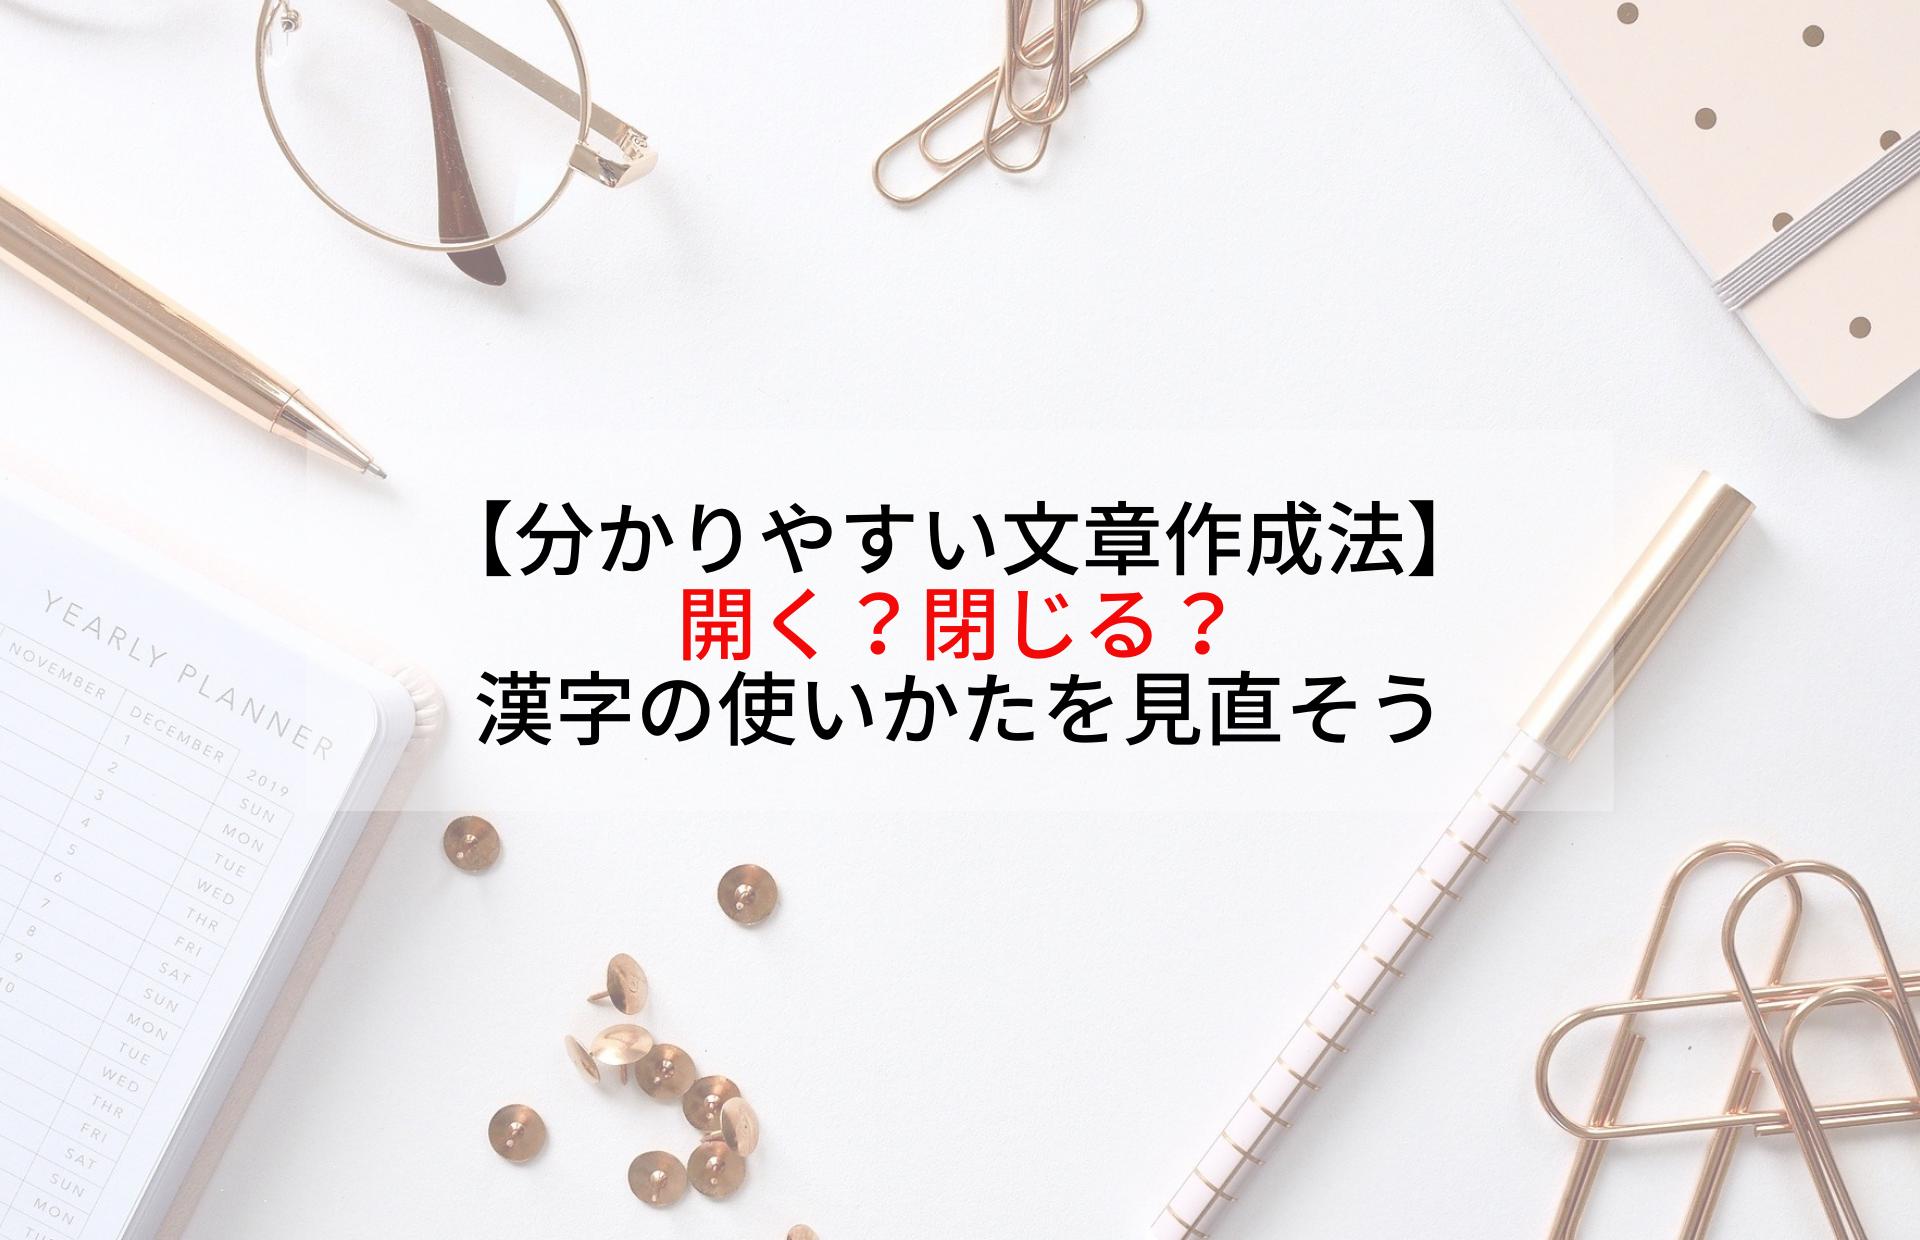 【分かりやすい文章作成法】開く?閉じる?漢字の使いかたを見直そう